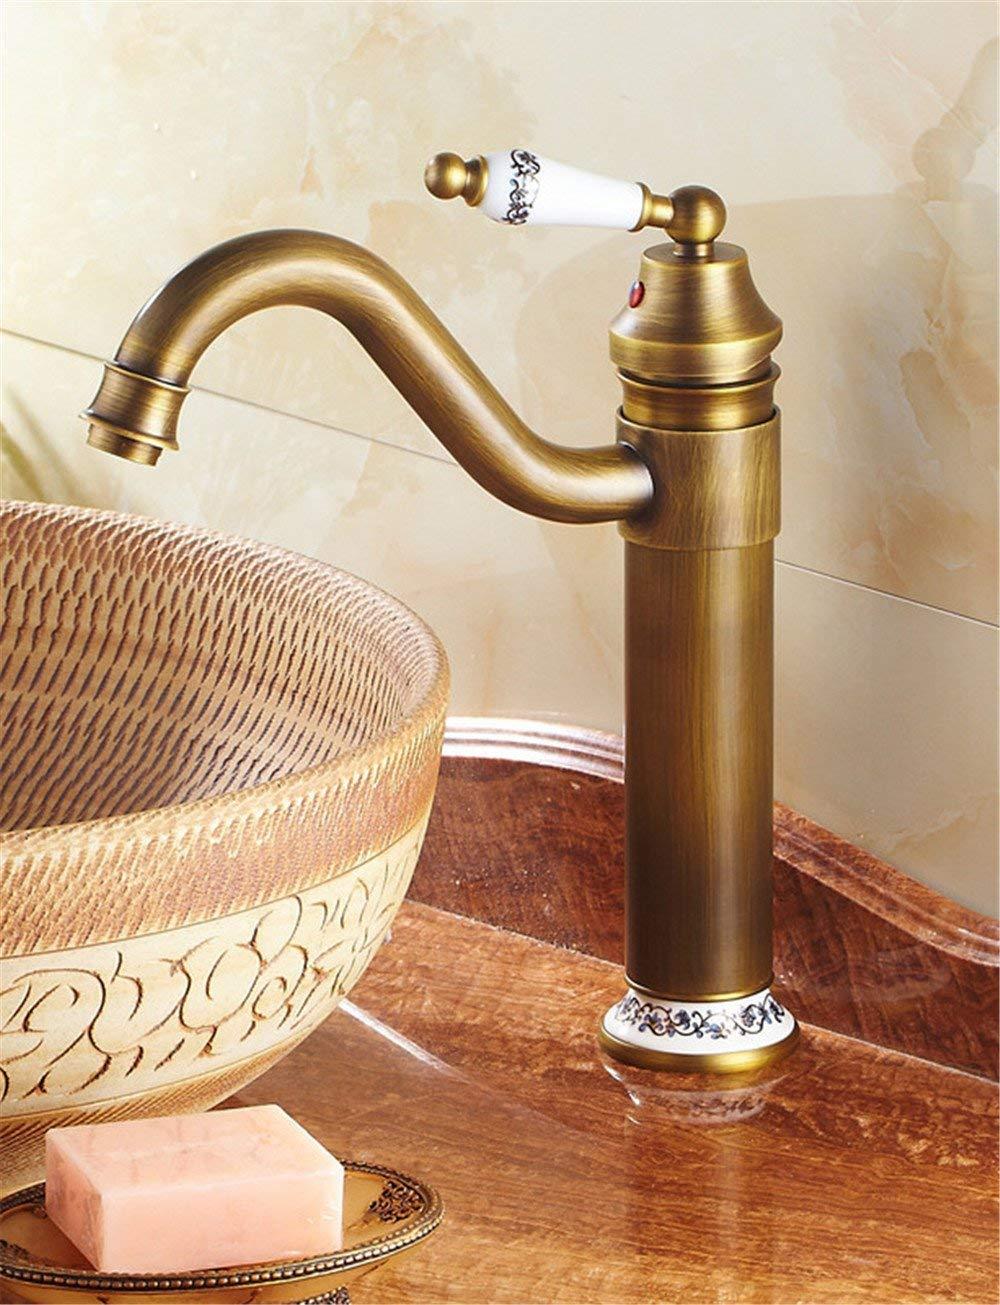 Eeayyygch Europäische antike küchenarmatur kreative einfach über gegenbecken Wasserhahn einzigen Wasserhahn einzigen Wasserhahn (Farbe   -, Größe   -)